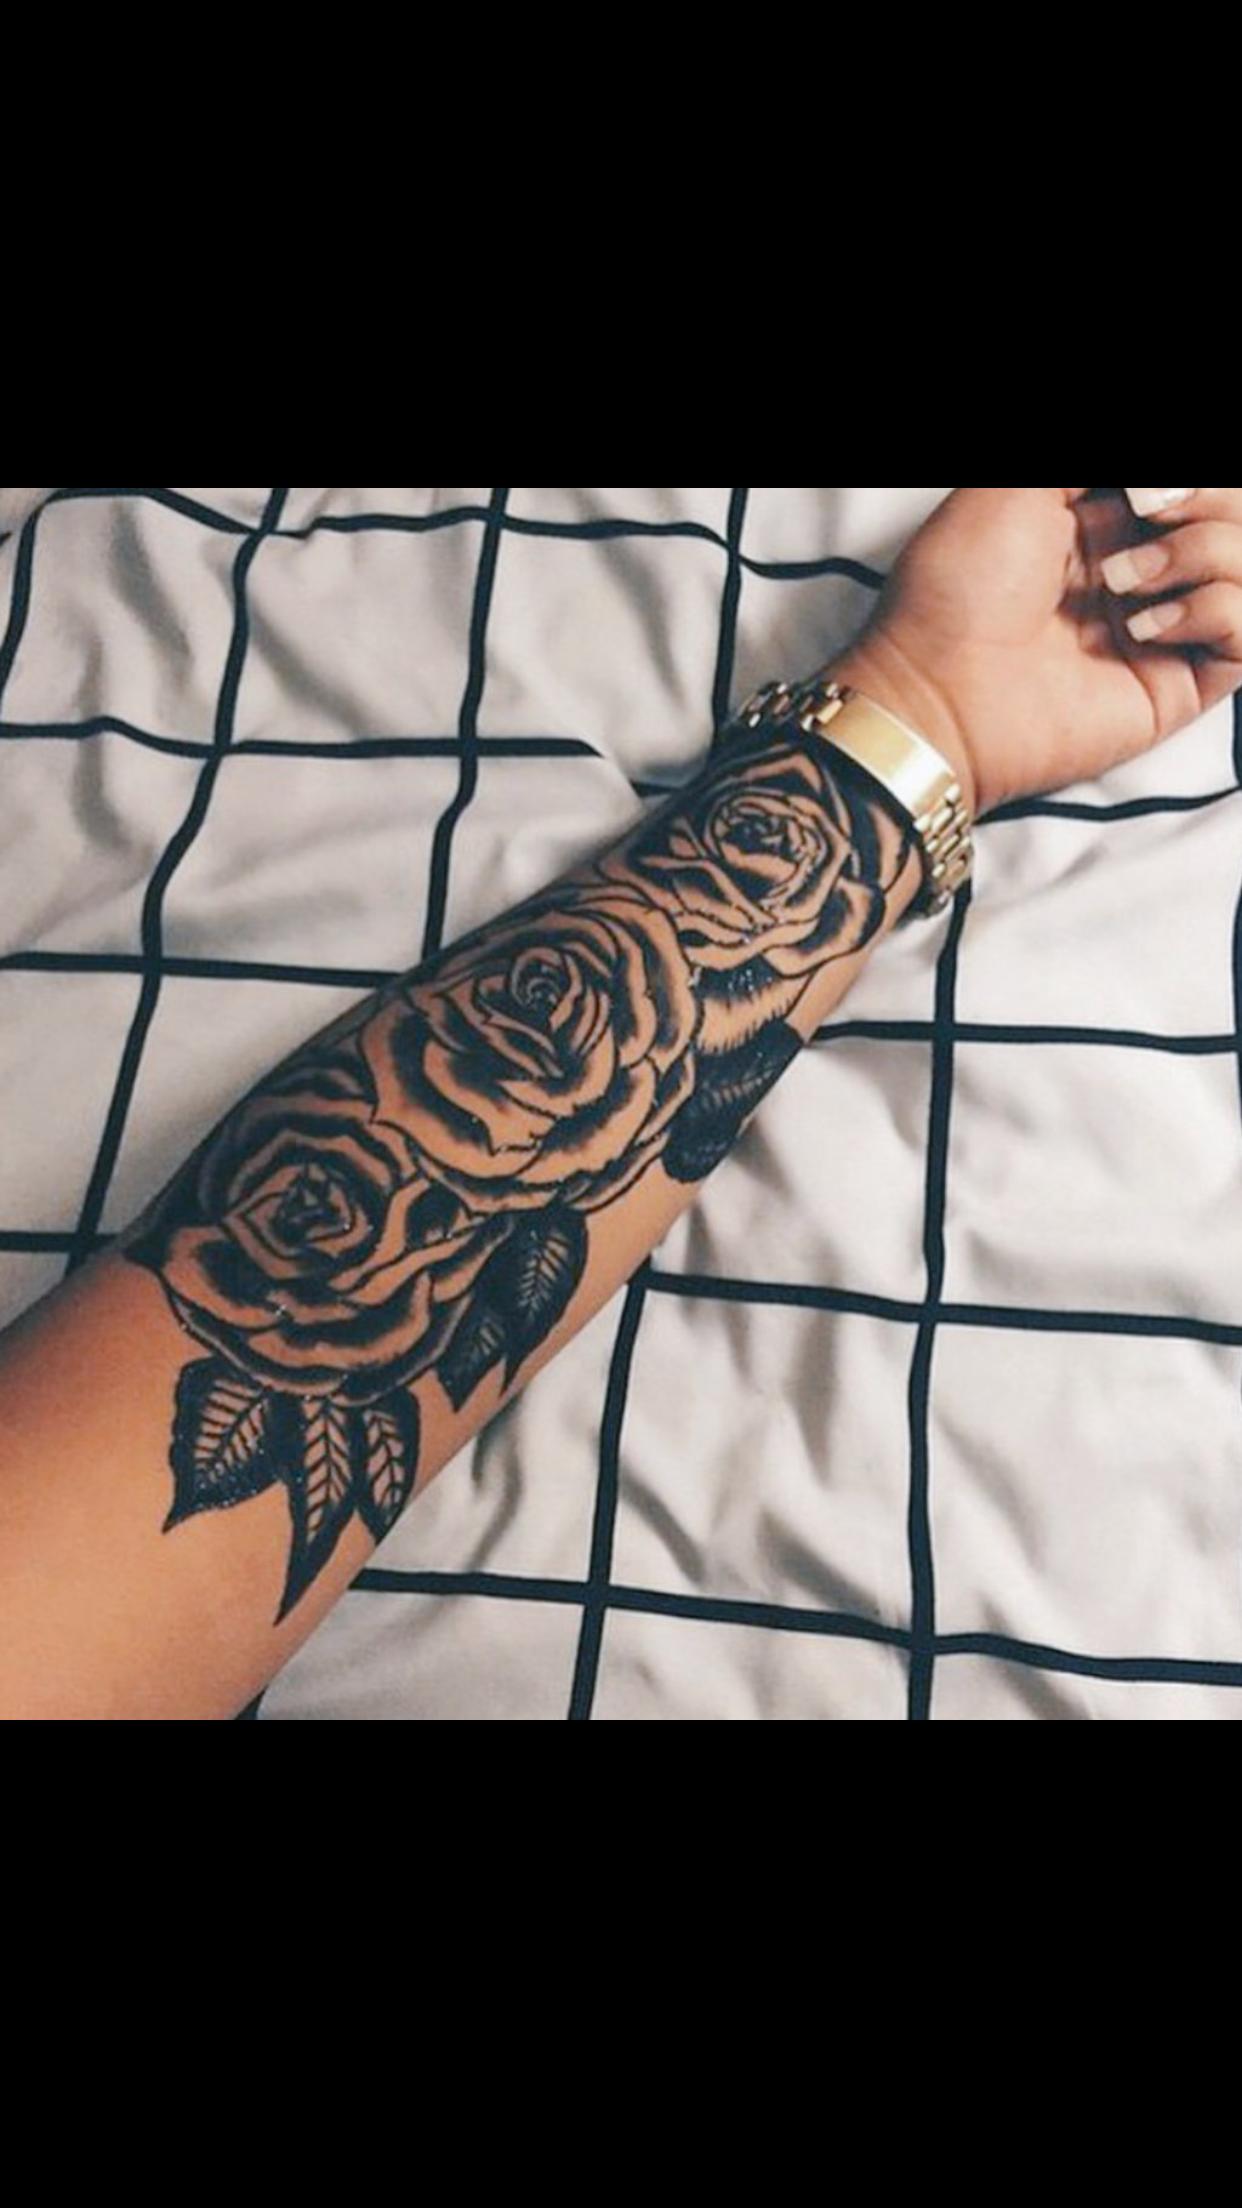 Pin by DestineeSiani on Tattoos | Pinterest | Tattoos, Tattoo ...